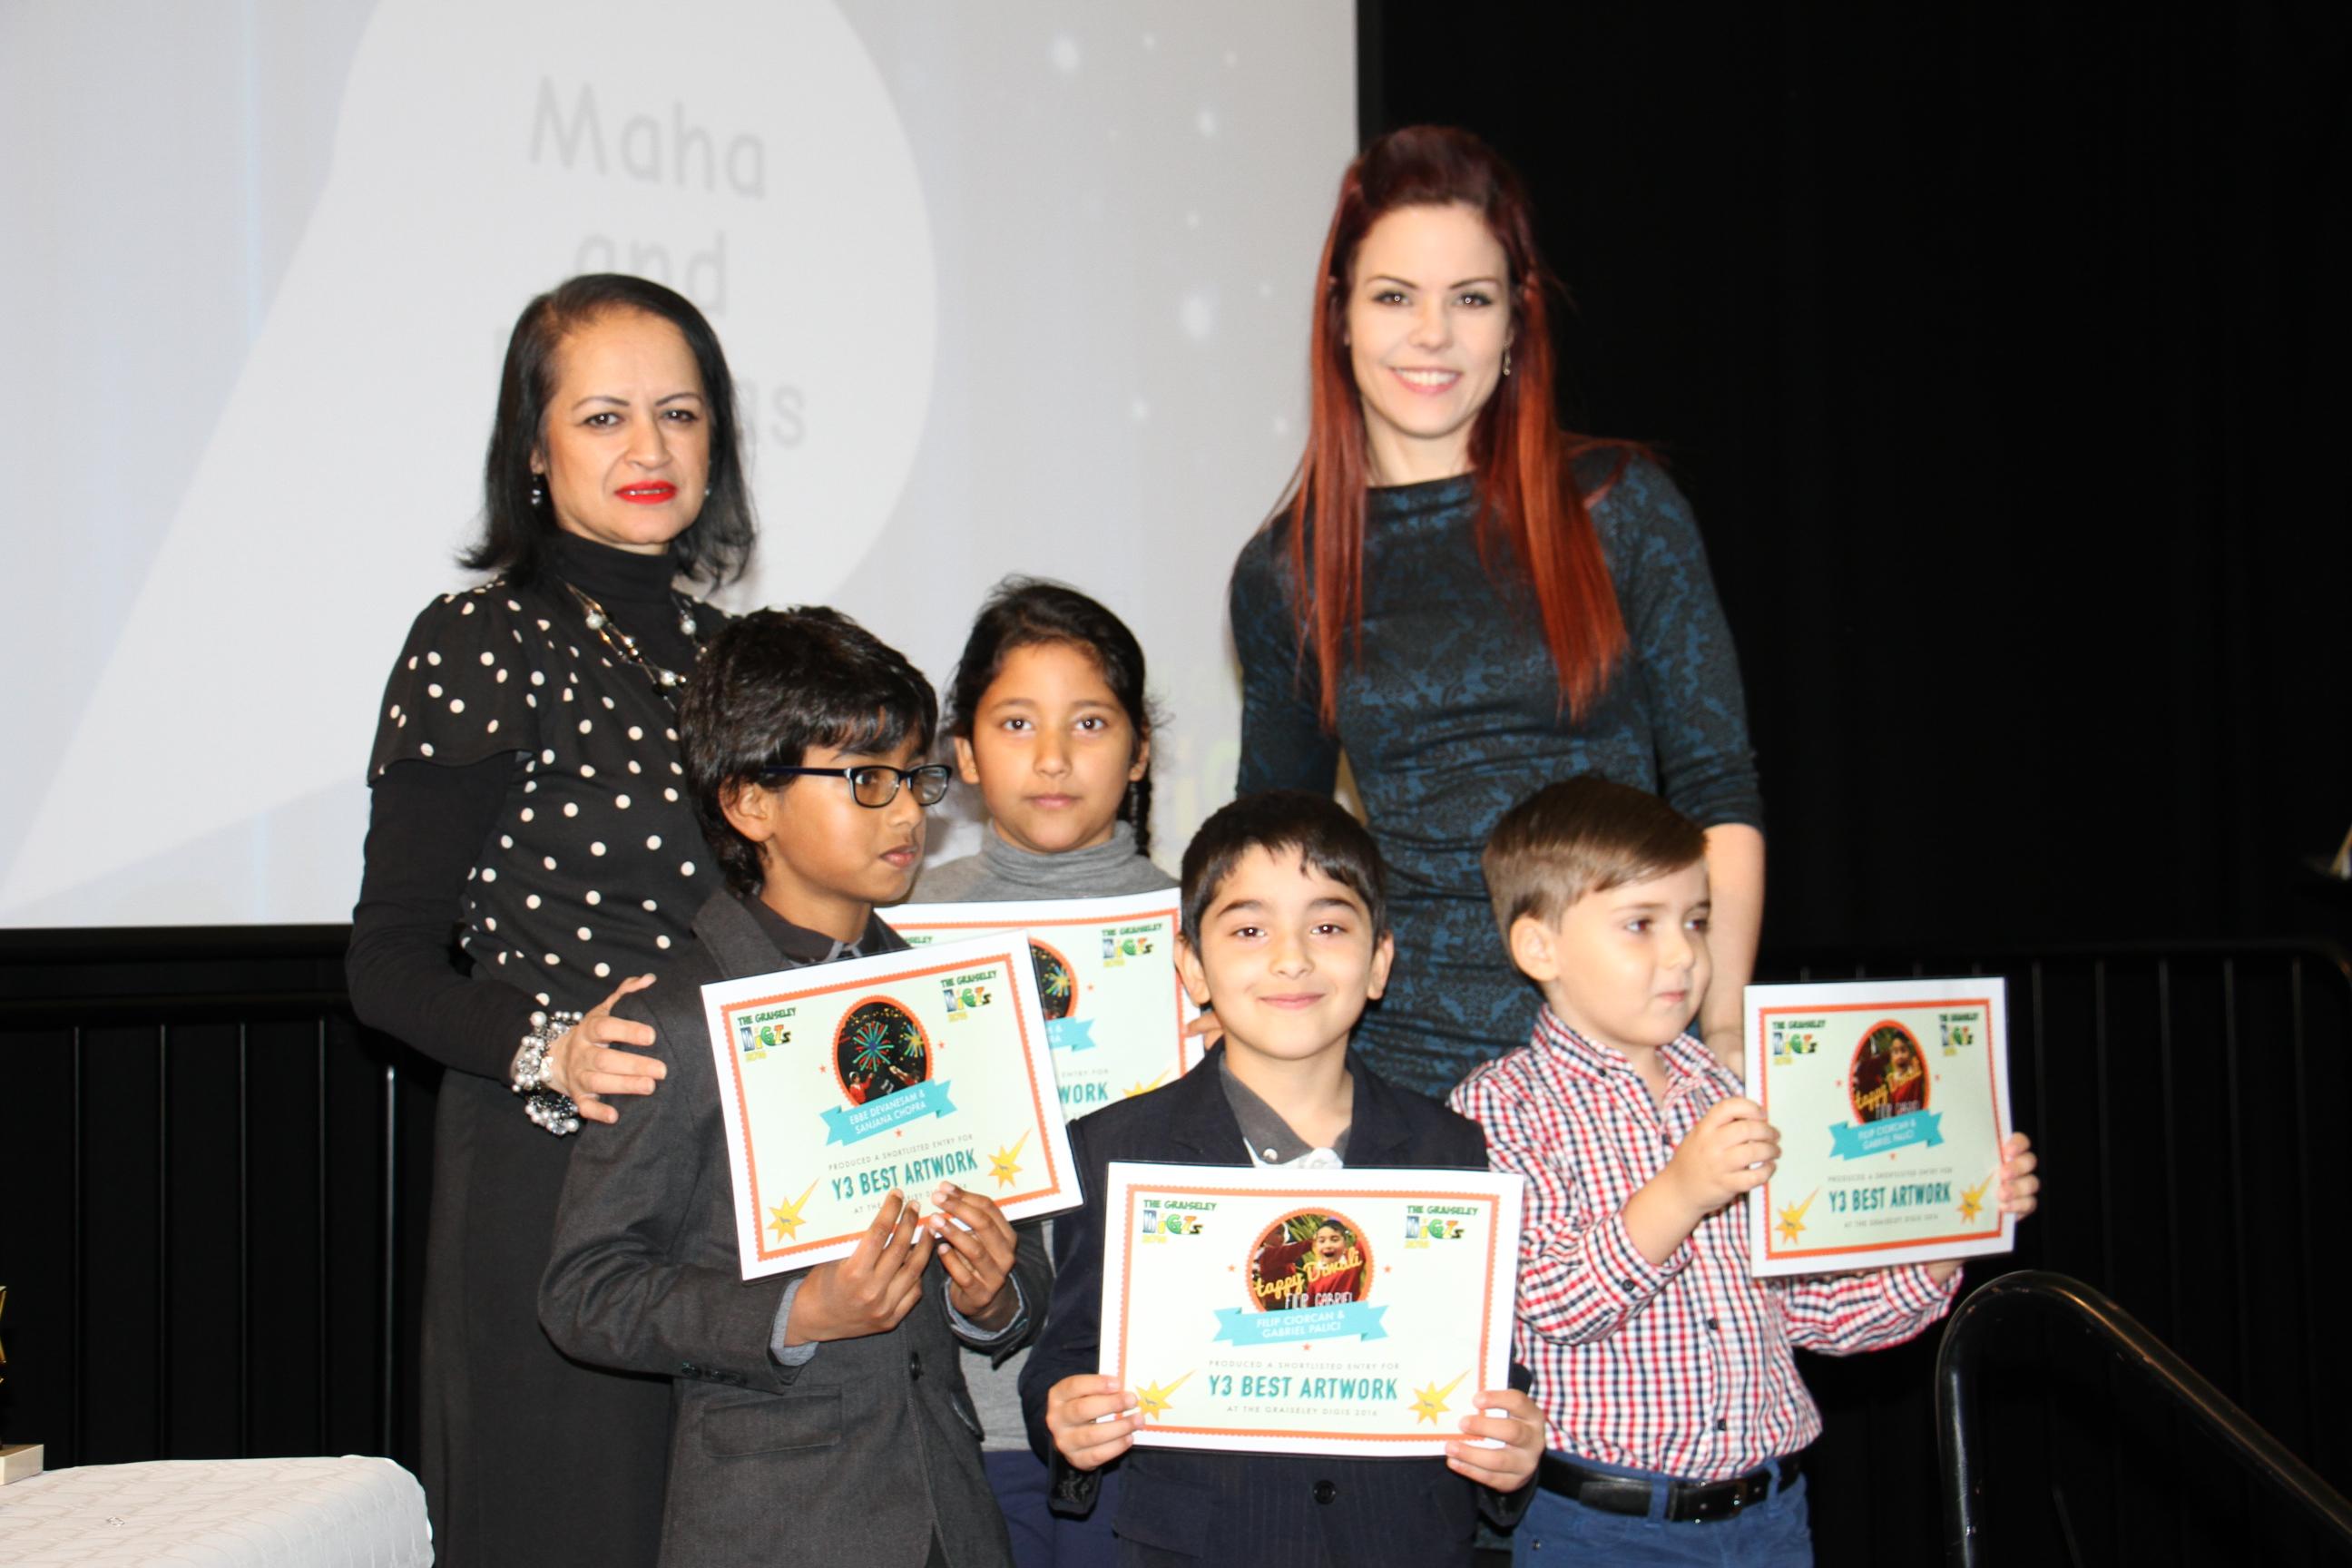 DIGIS Awards